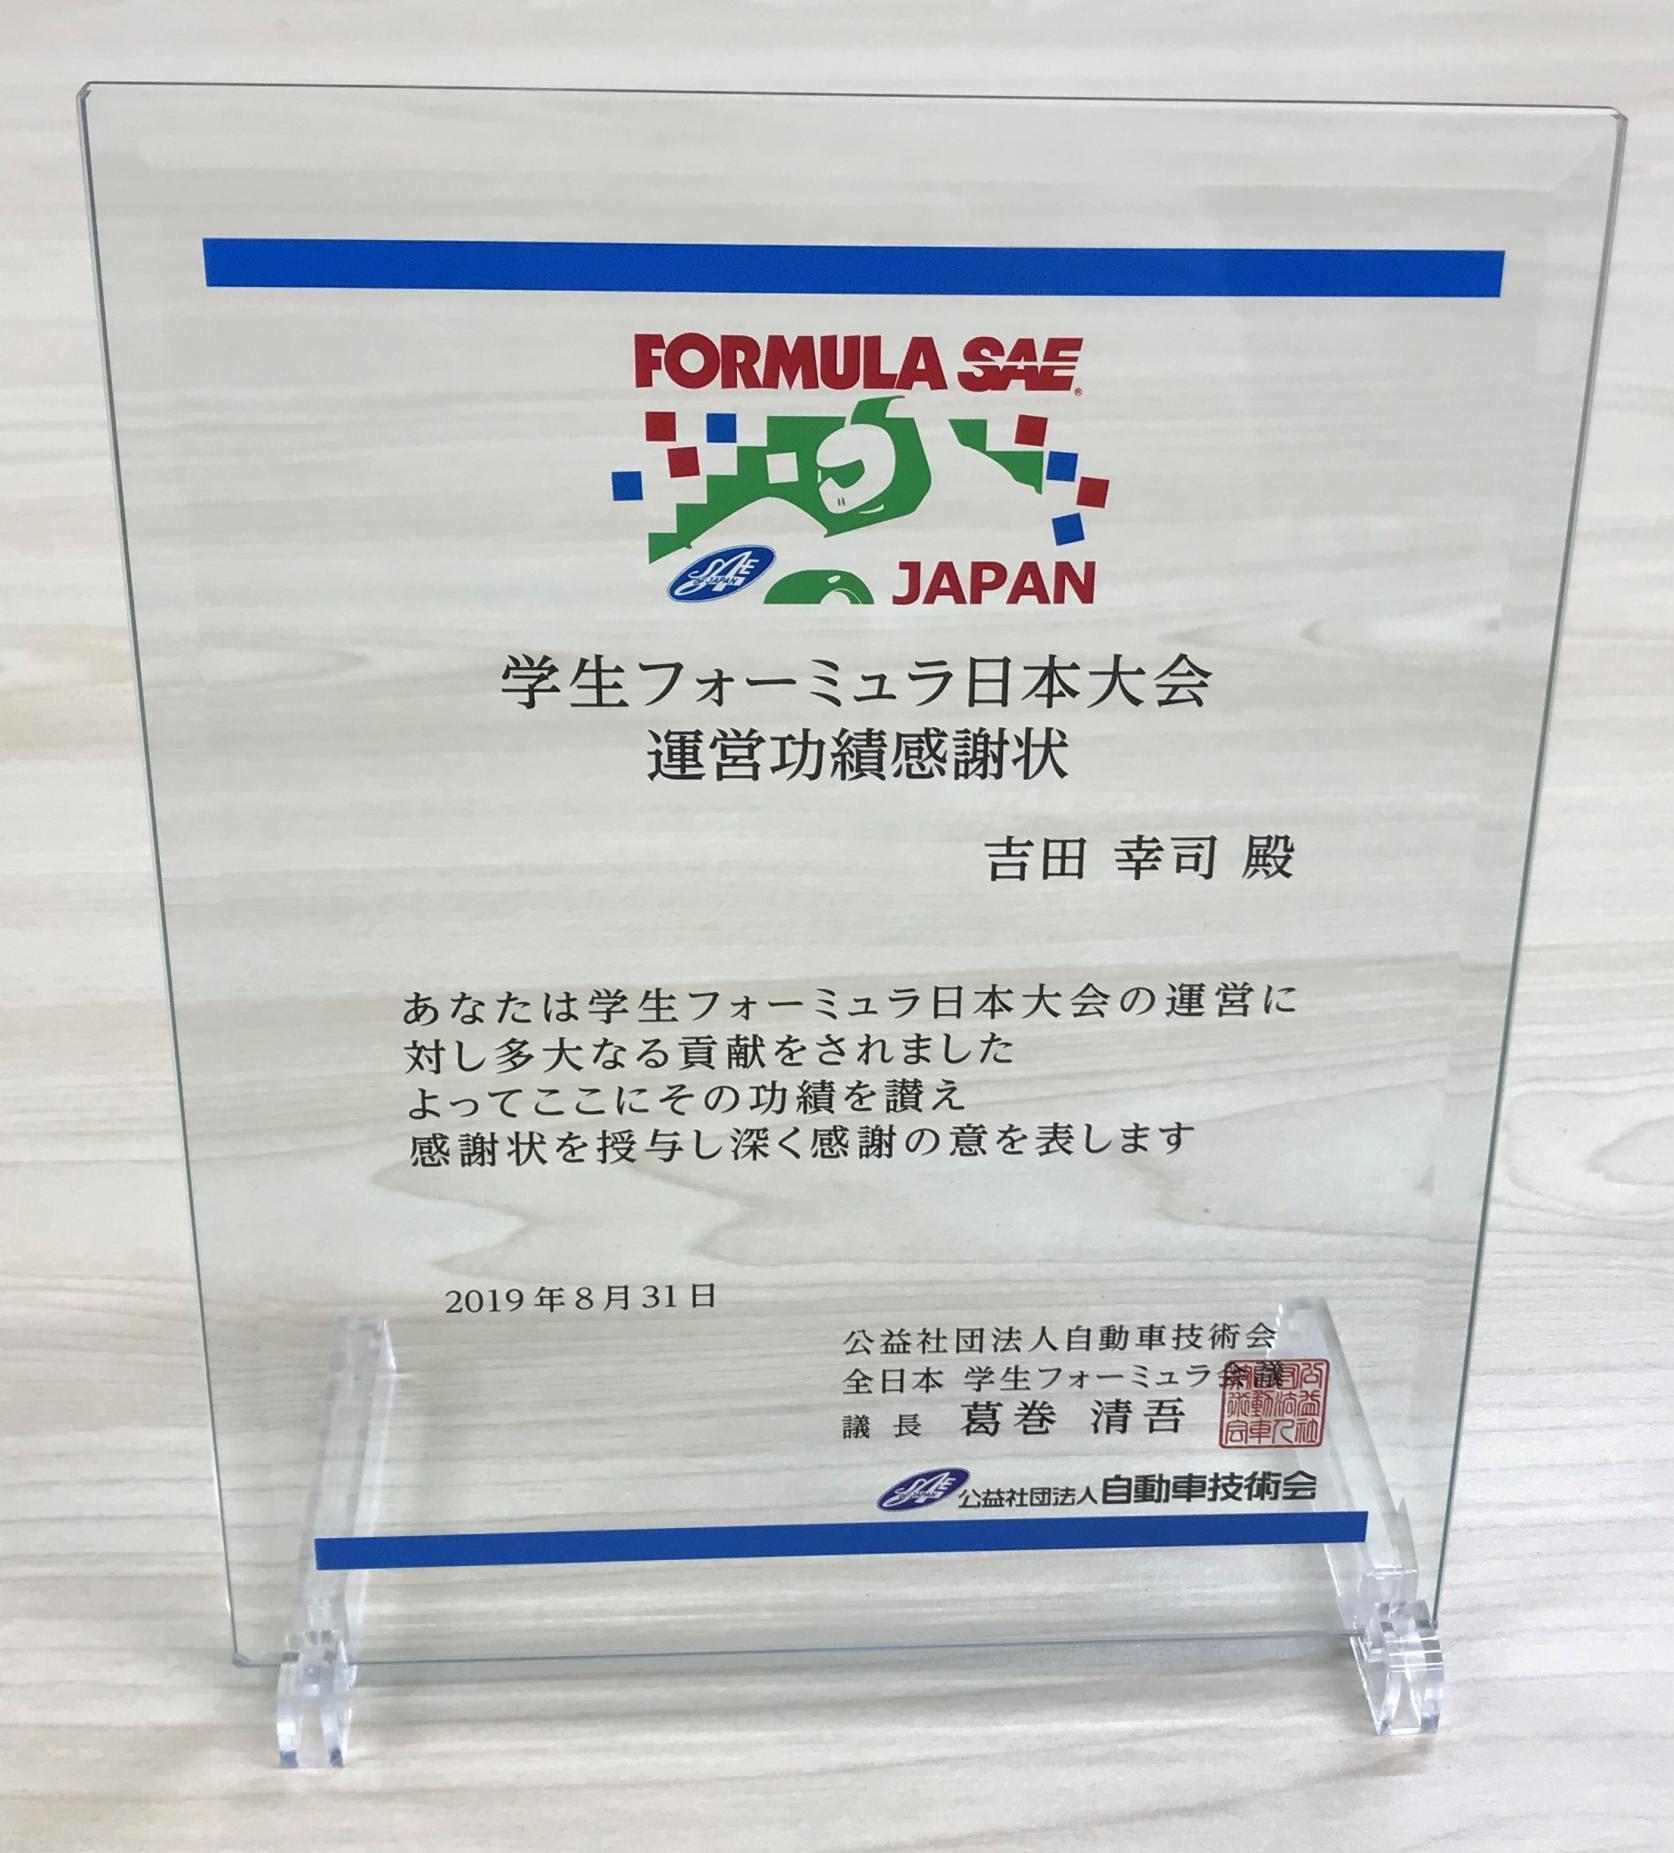 機械工学科 吉田幸司教授に自動車技術会から感謝状が贈呈されました。